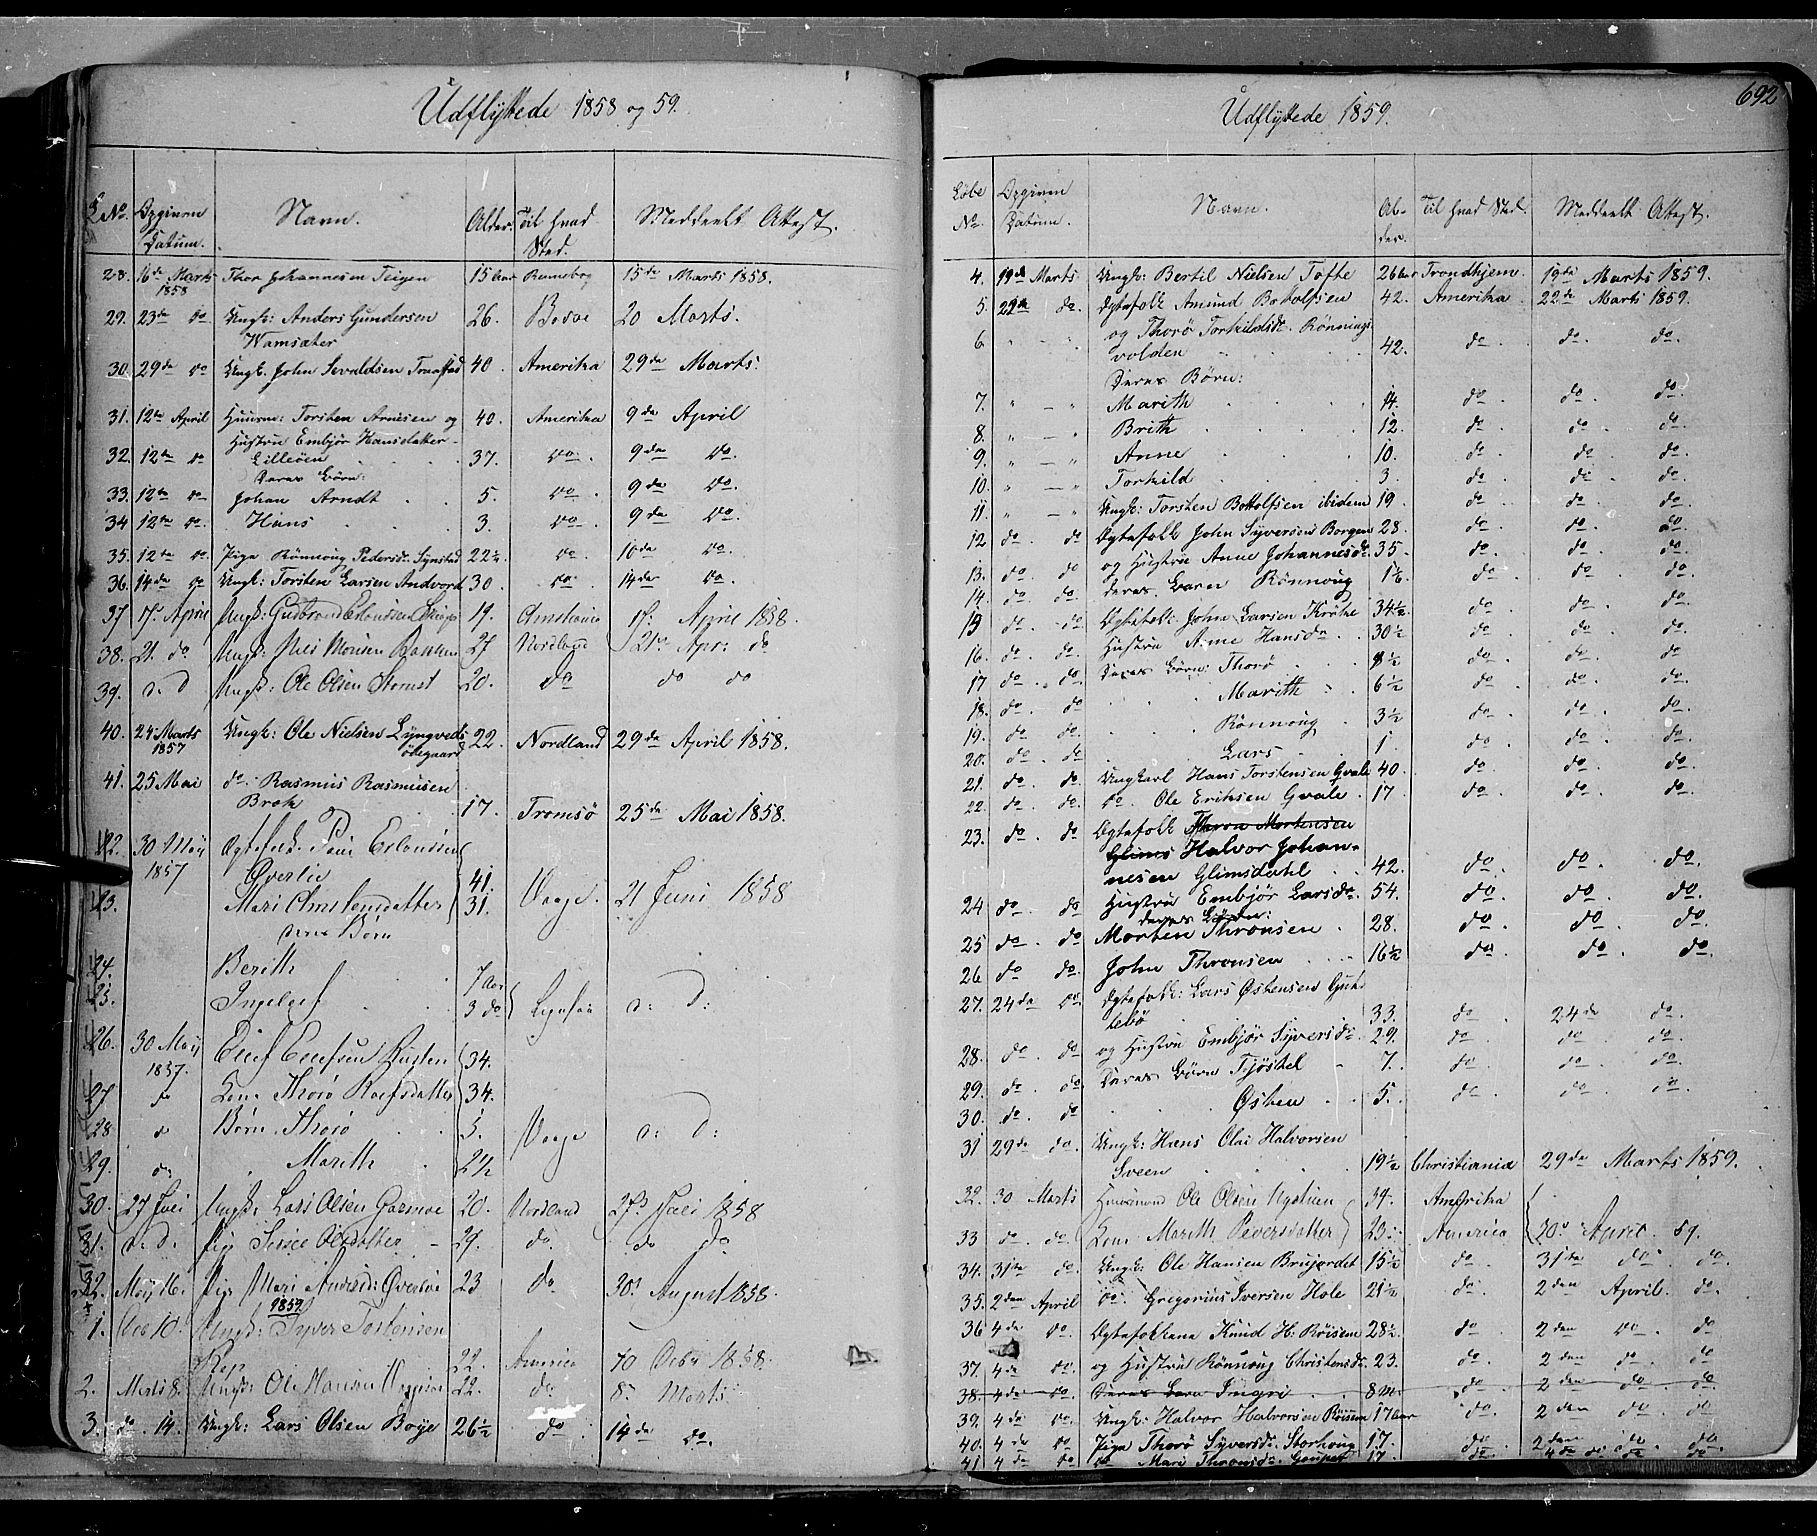 SAH, Lom prestekontor, K/L0006: Ministerialbok nr. 6B, 1837-1863, s. 692